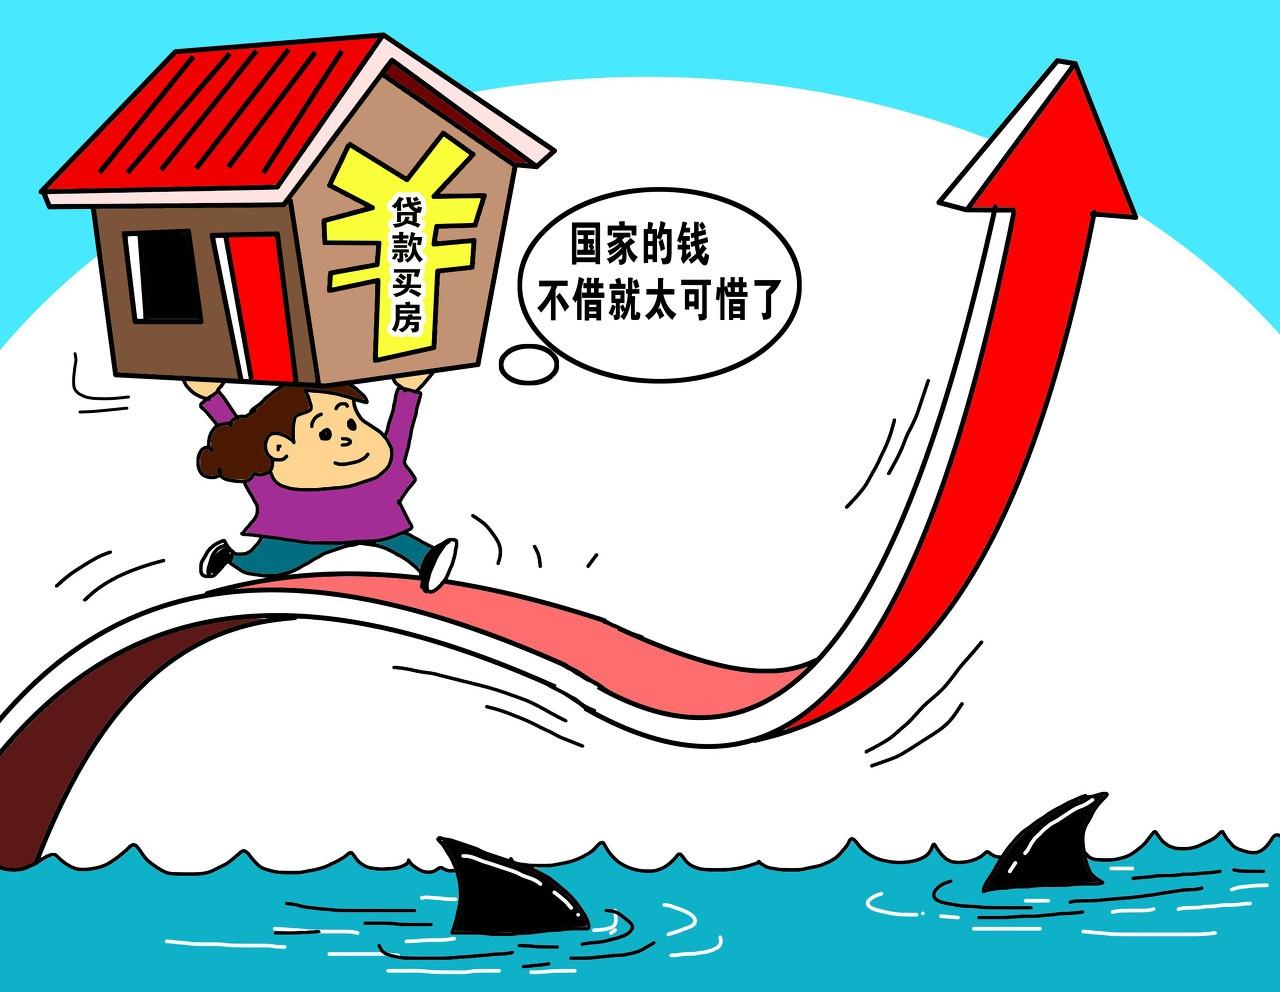 根据国外房产经验,房价大跌前有哪些征兆?